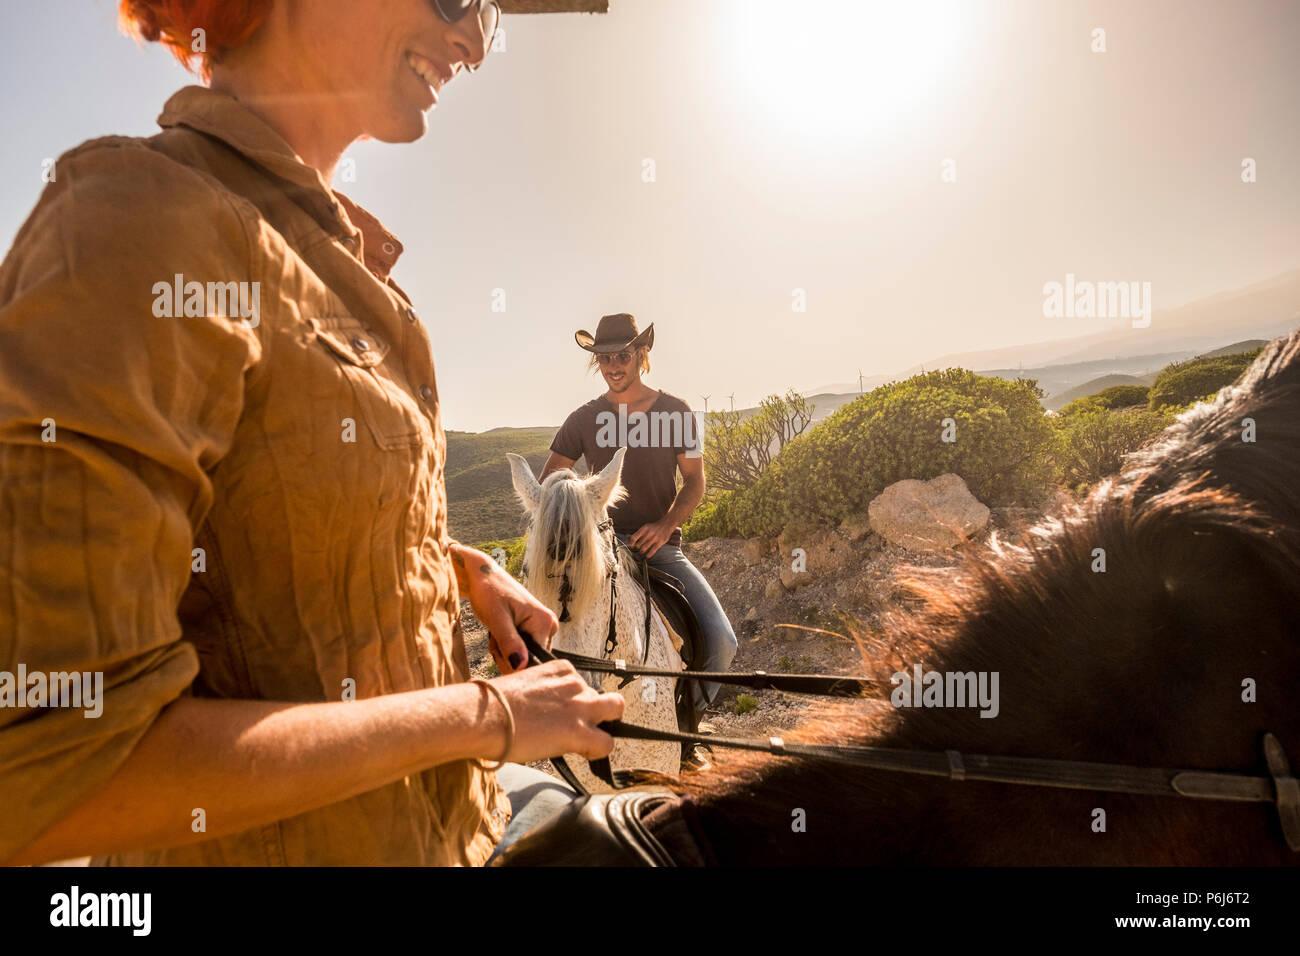 Schön kaukasischen Cowboys paar Pferde im Wind ladscape malerischer Ort. Frau und Mann gemeinsam Spaß haben mit Pferd, Therapie und den Sonnenuntergang genießen. smil Stockfoto